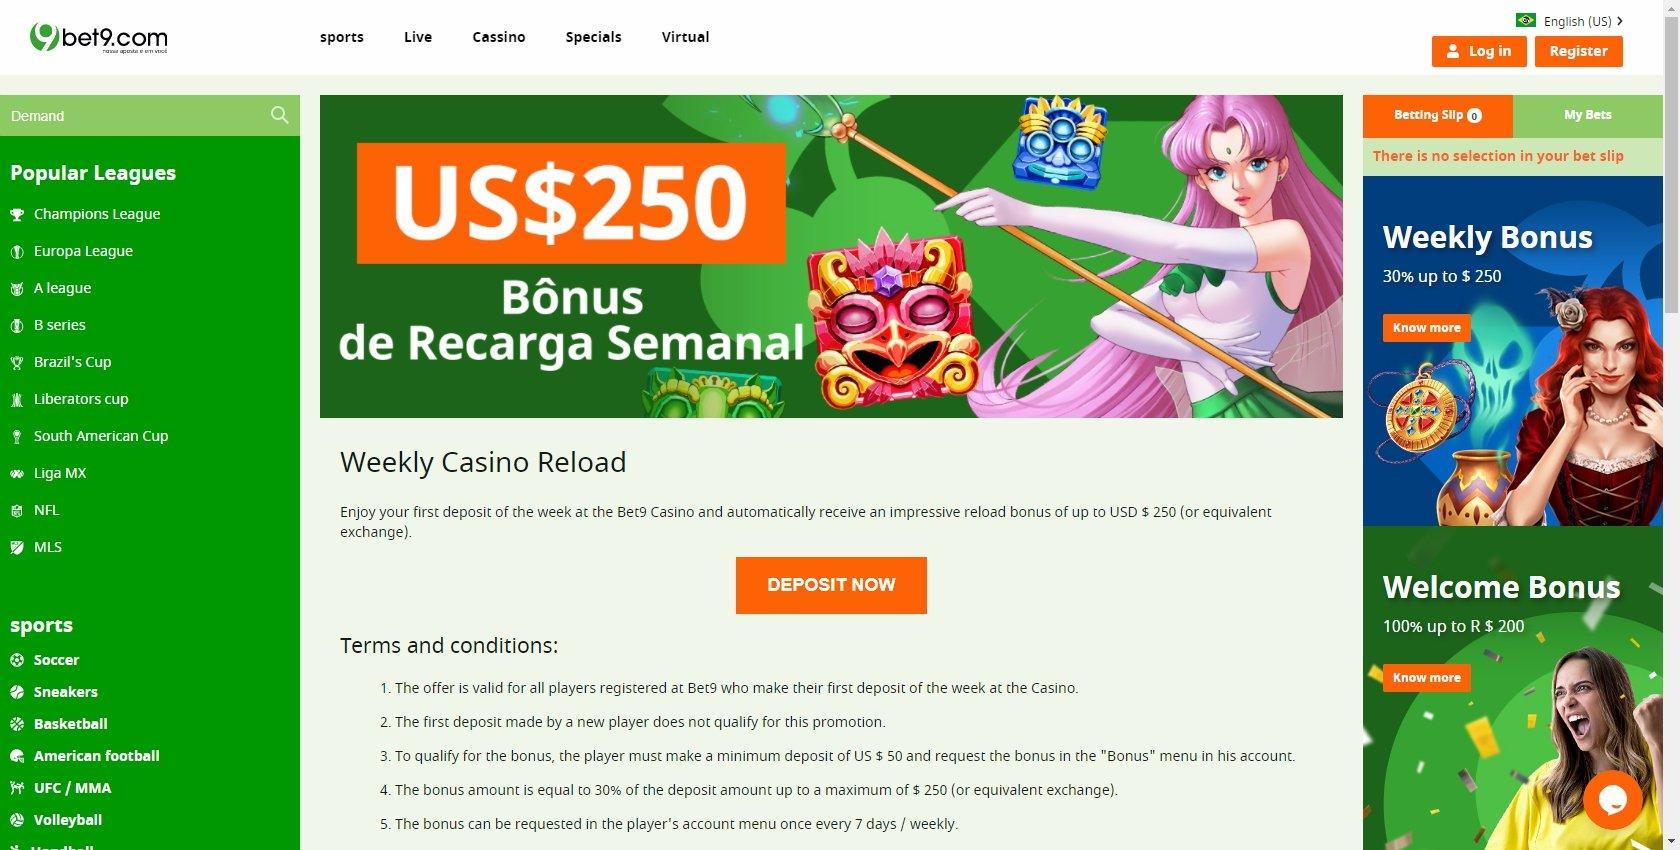 Casinos nuworks Portugal brasileirão 67258